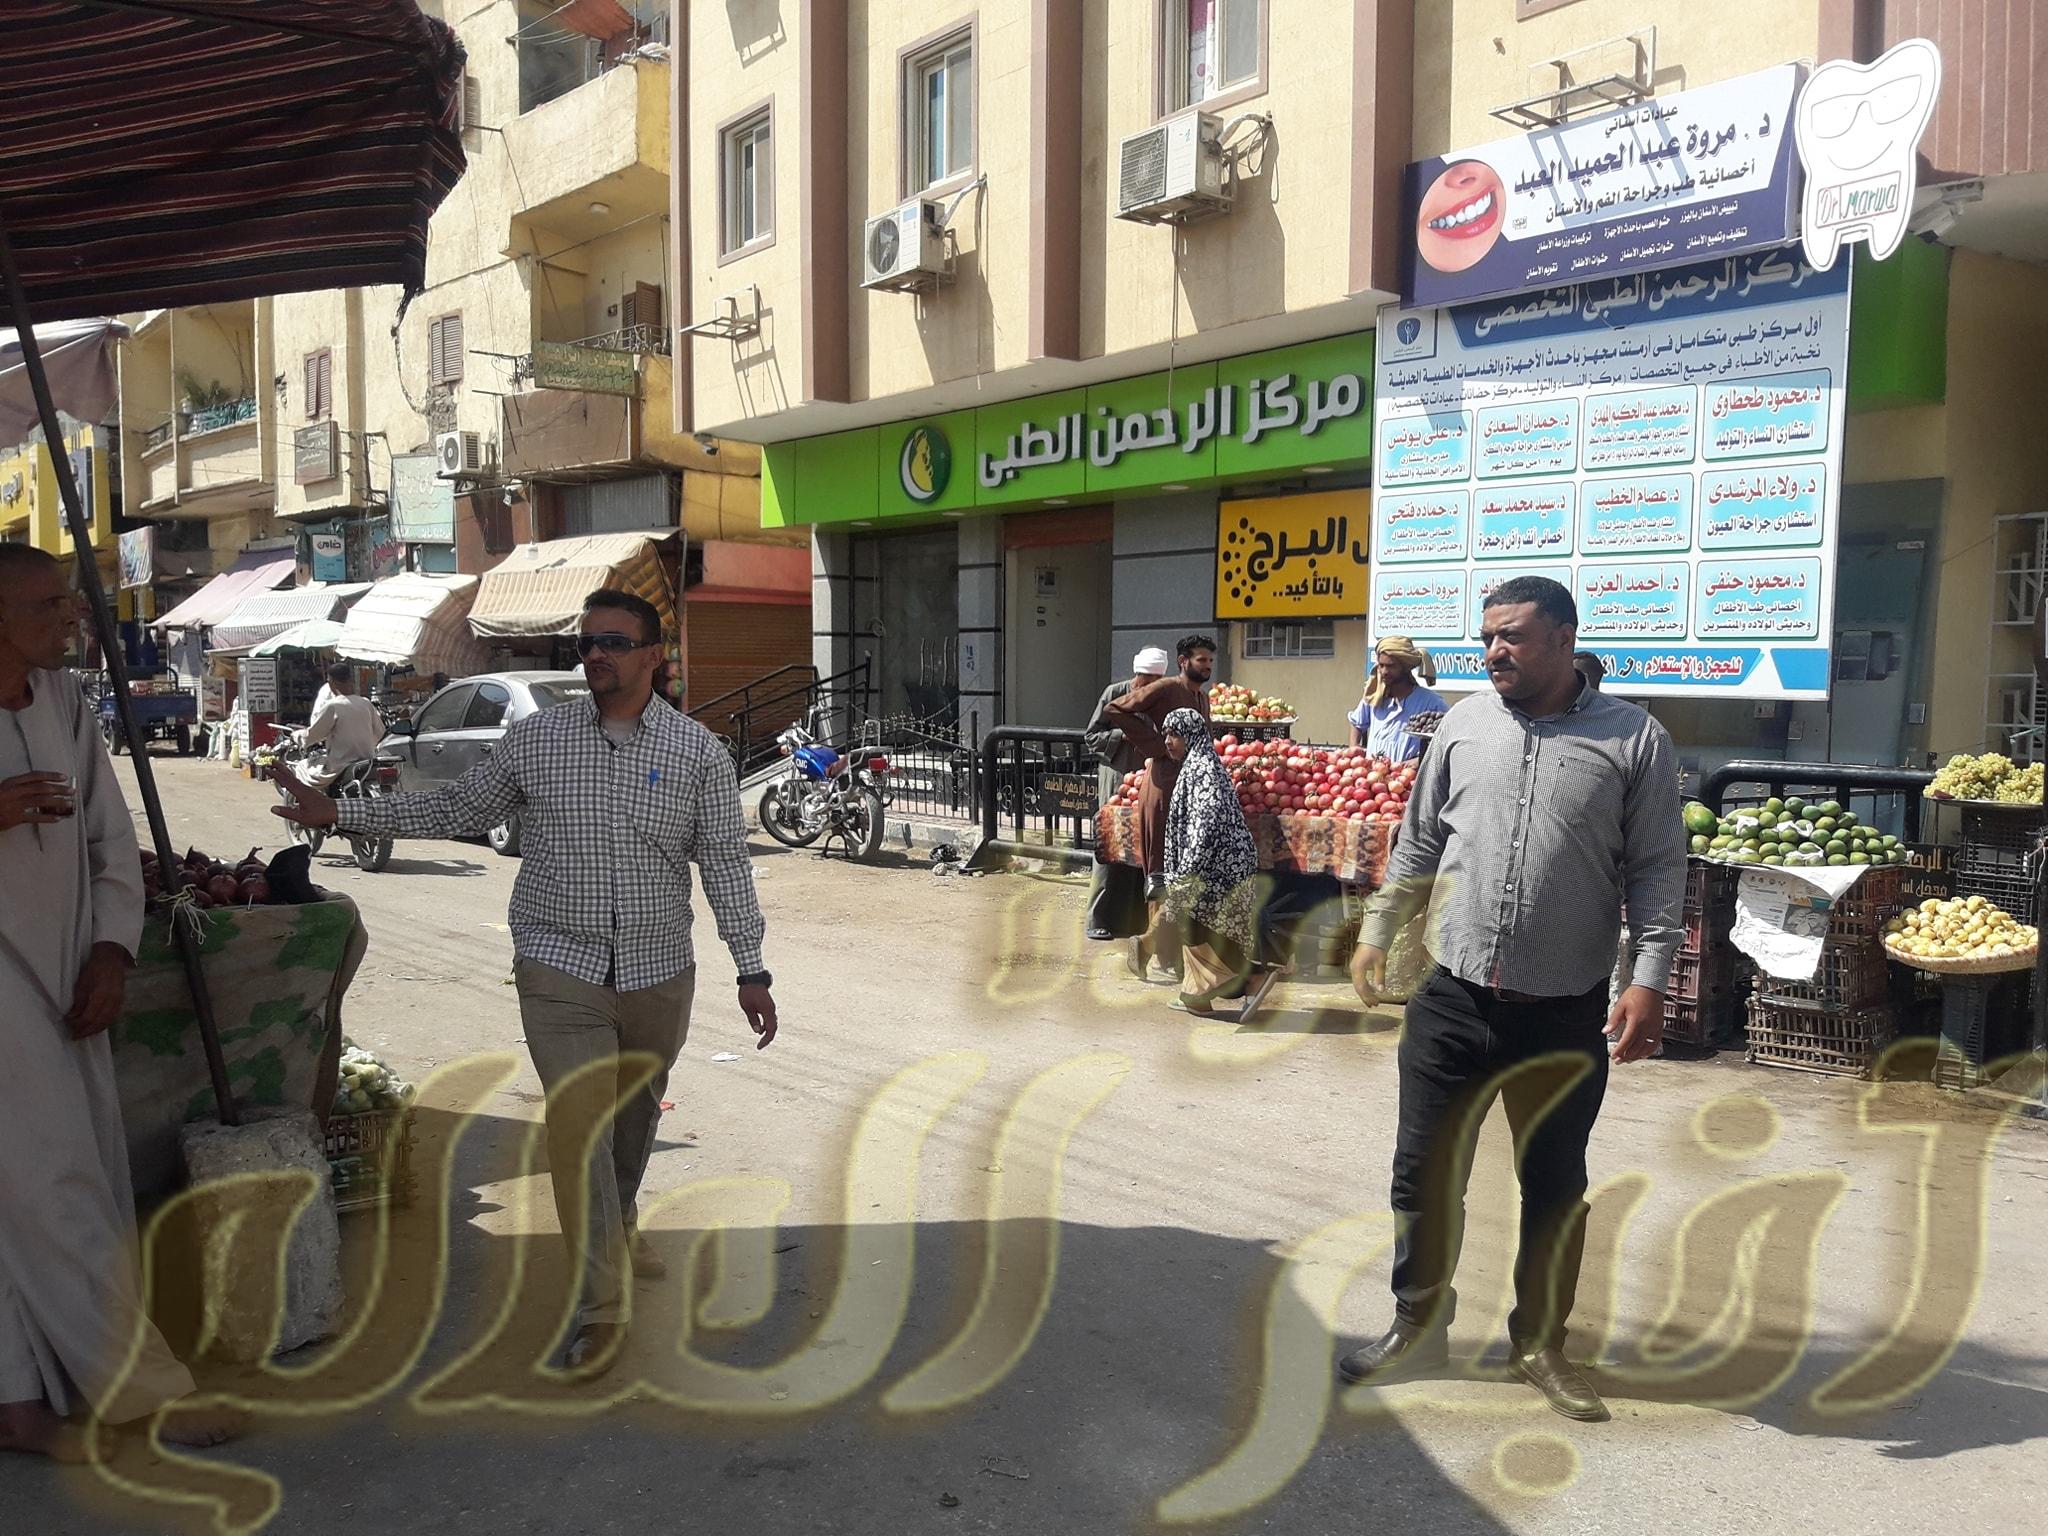 جهود الوحدة المحليه لمركز ومدينة ارمنت تظهر بميدان مسجد الرحمن .